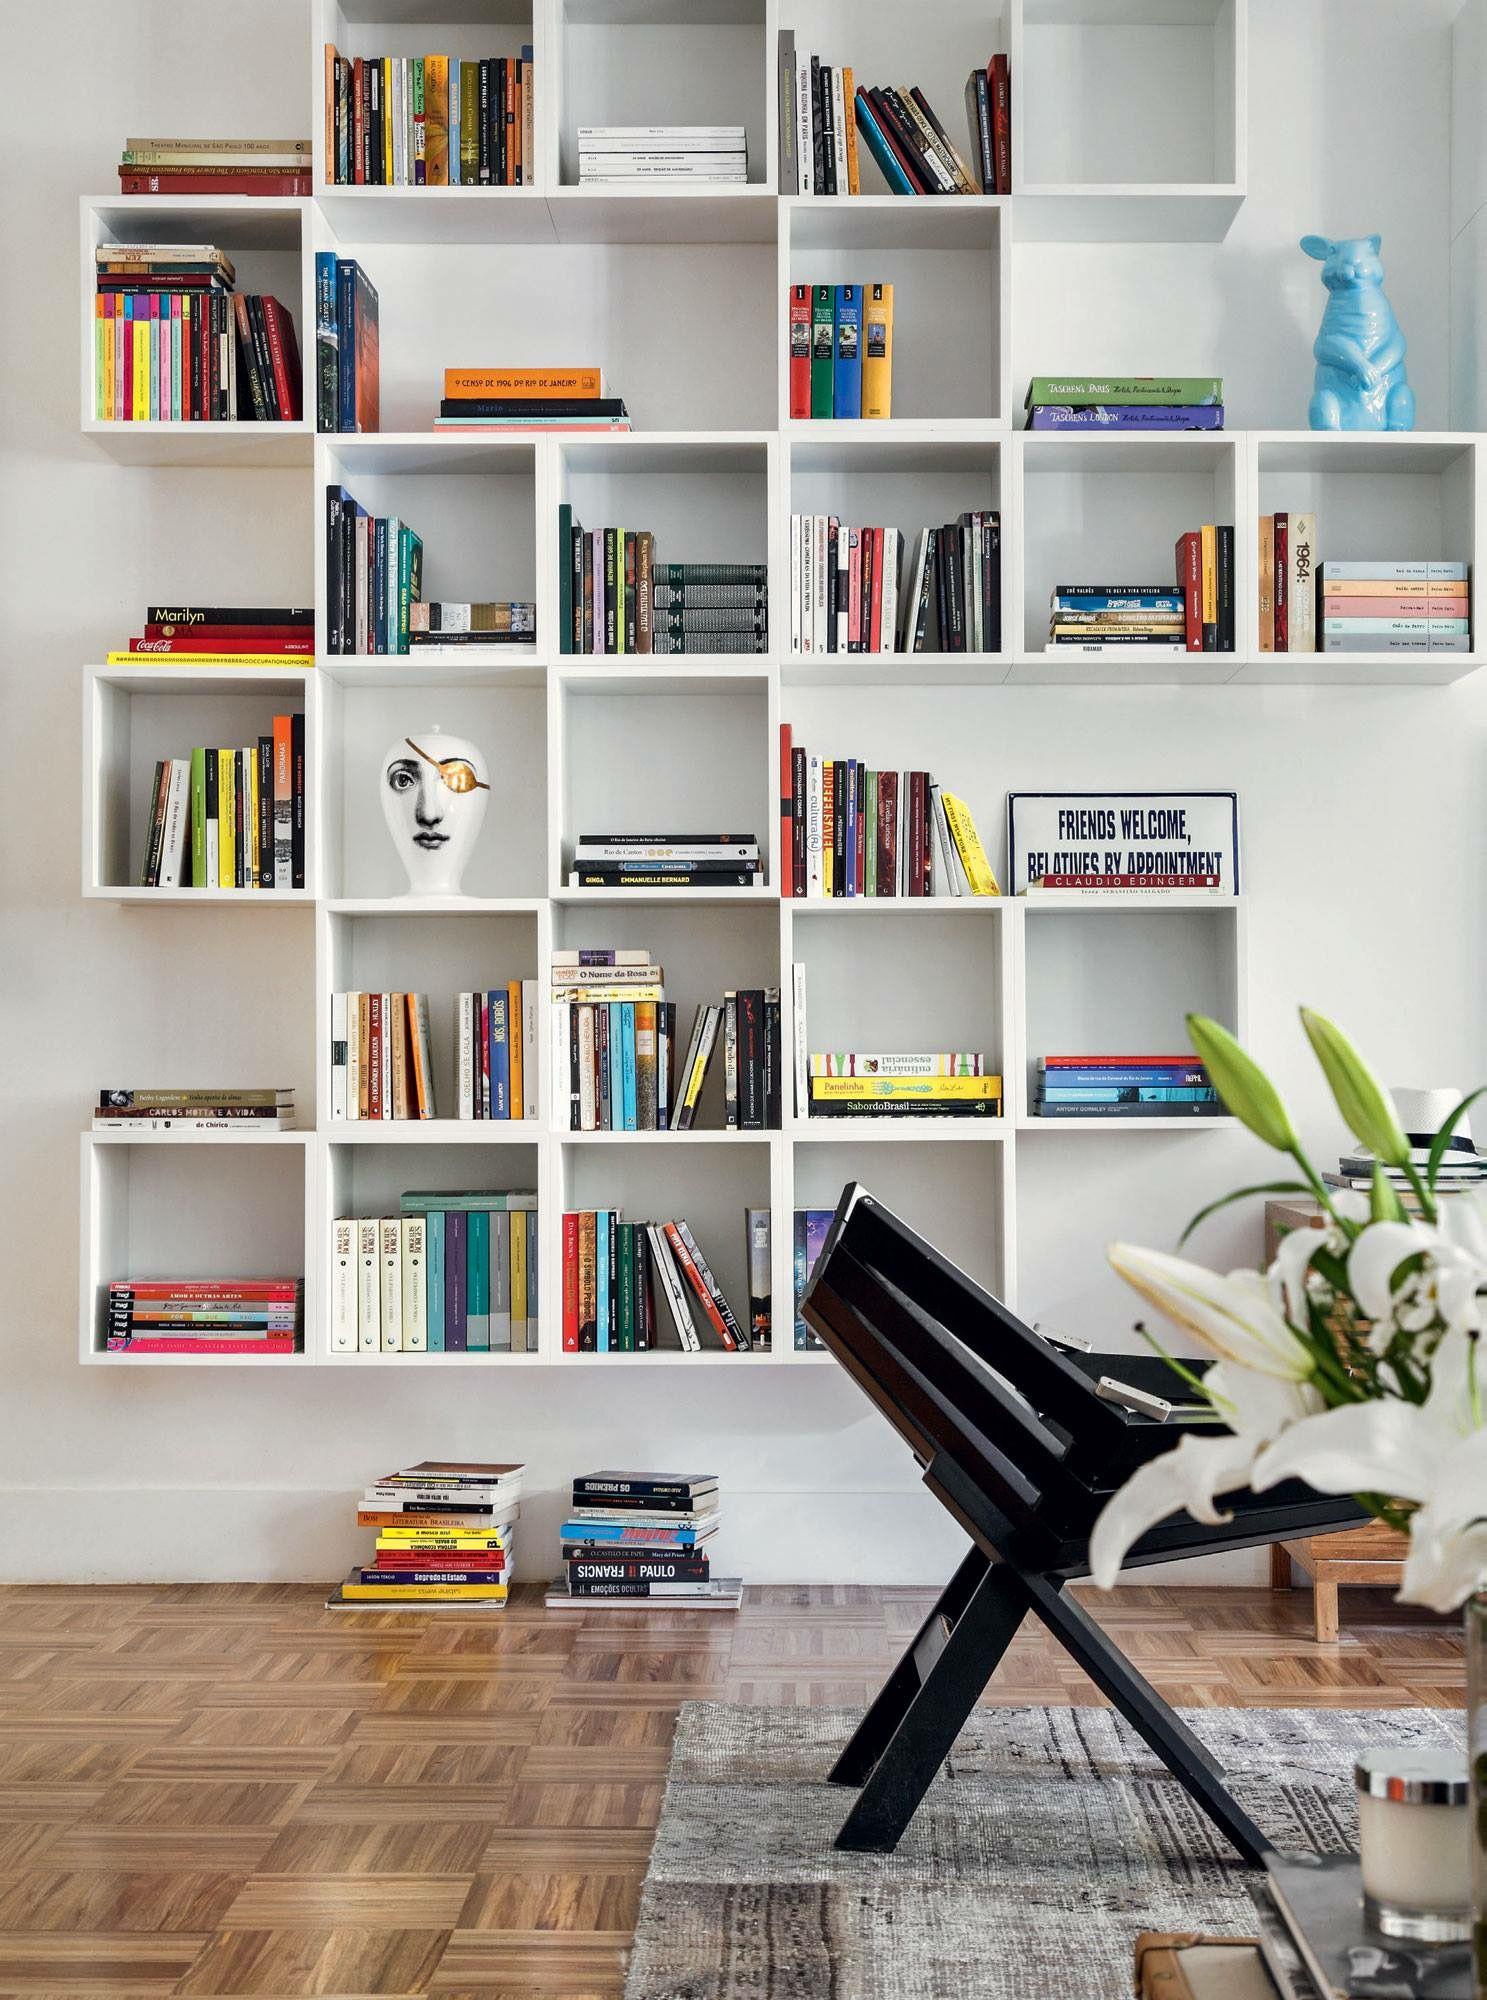 Pin Von Anika Arendt Auf Ideen Sammlung | Pinterest | Bücherwand, Wohnzimmer  Und Regal